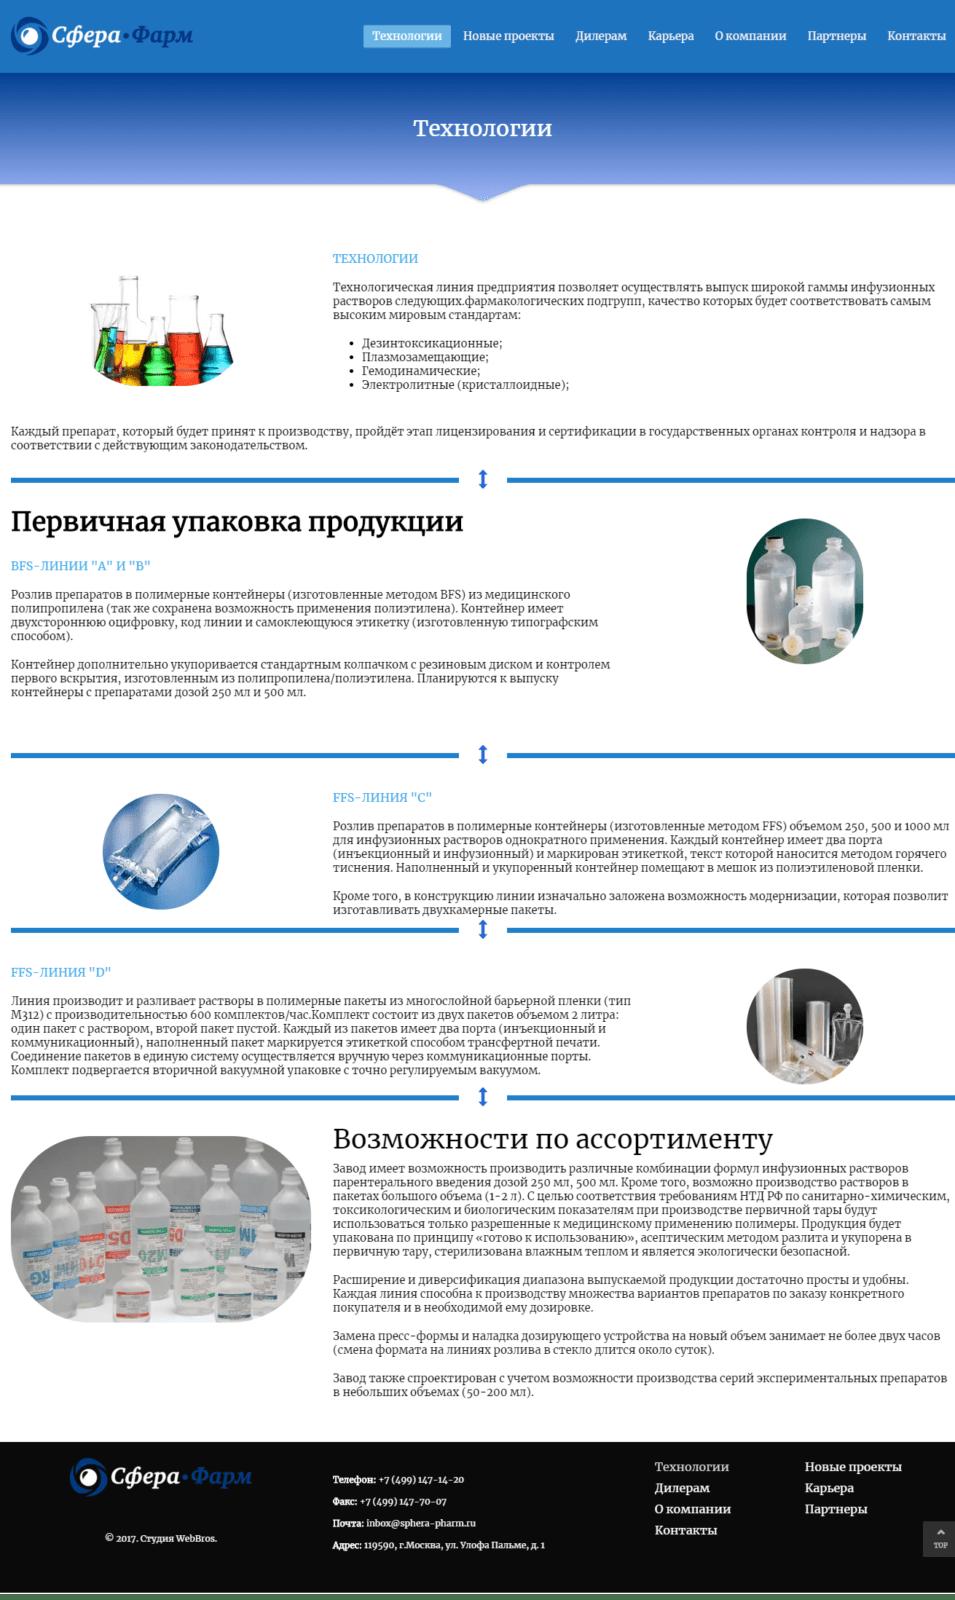 """ООО """"Сфера-Фарм"""", фармацевтическая компания"""